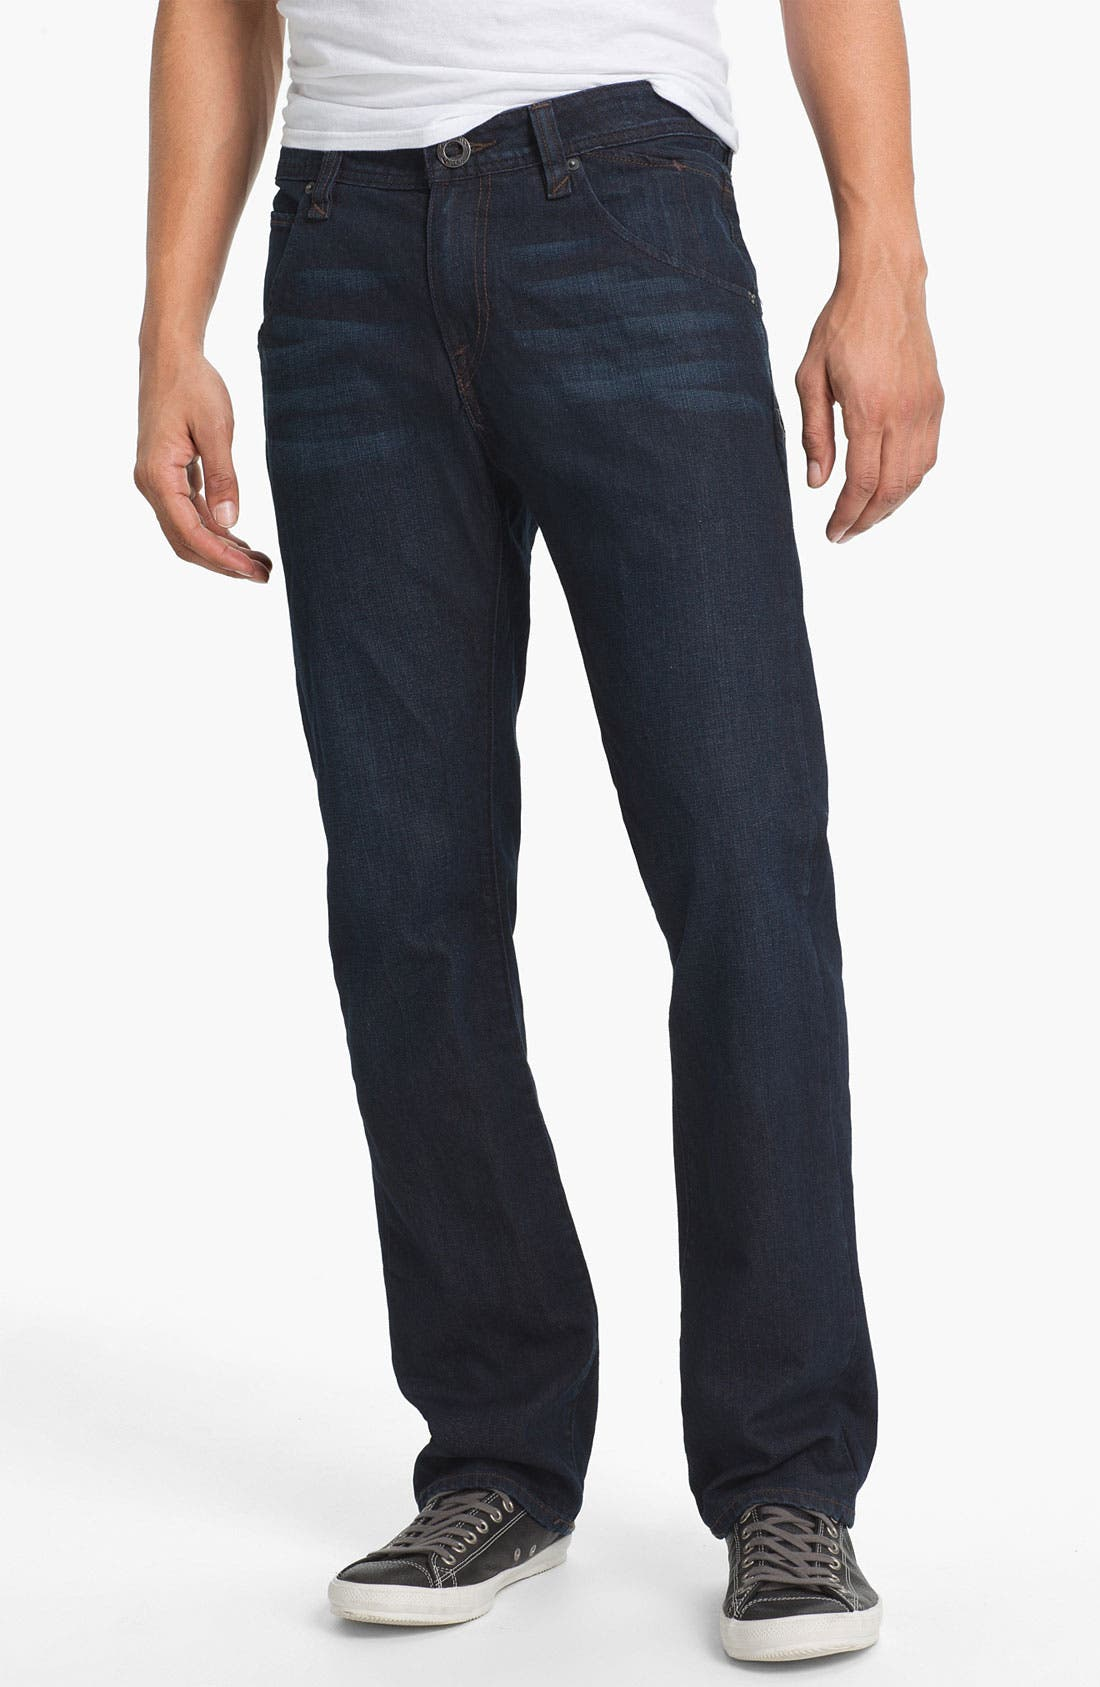 Alternate Image 2  - Volcom 'Nova' Slim Straight Leg Jeans (VC02) (Online Only)